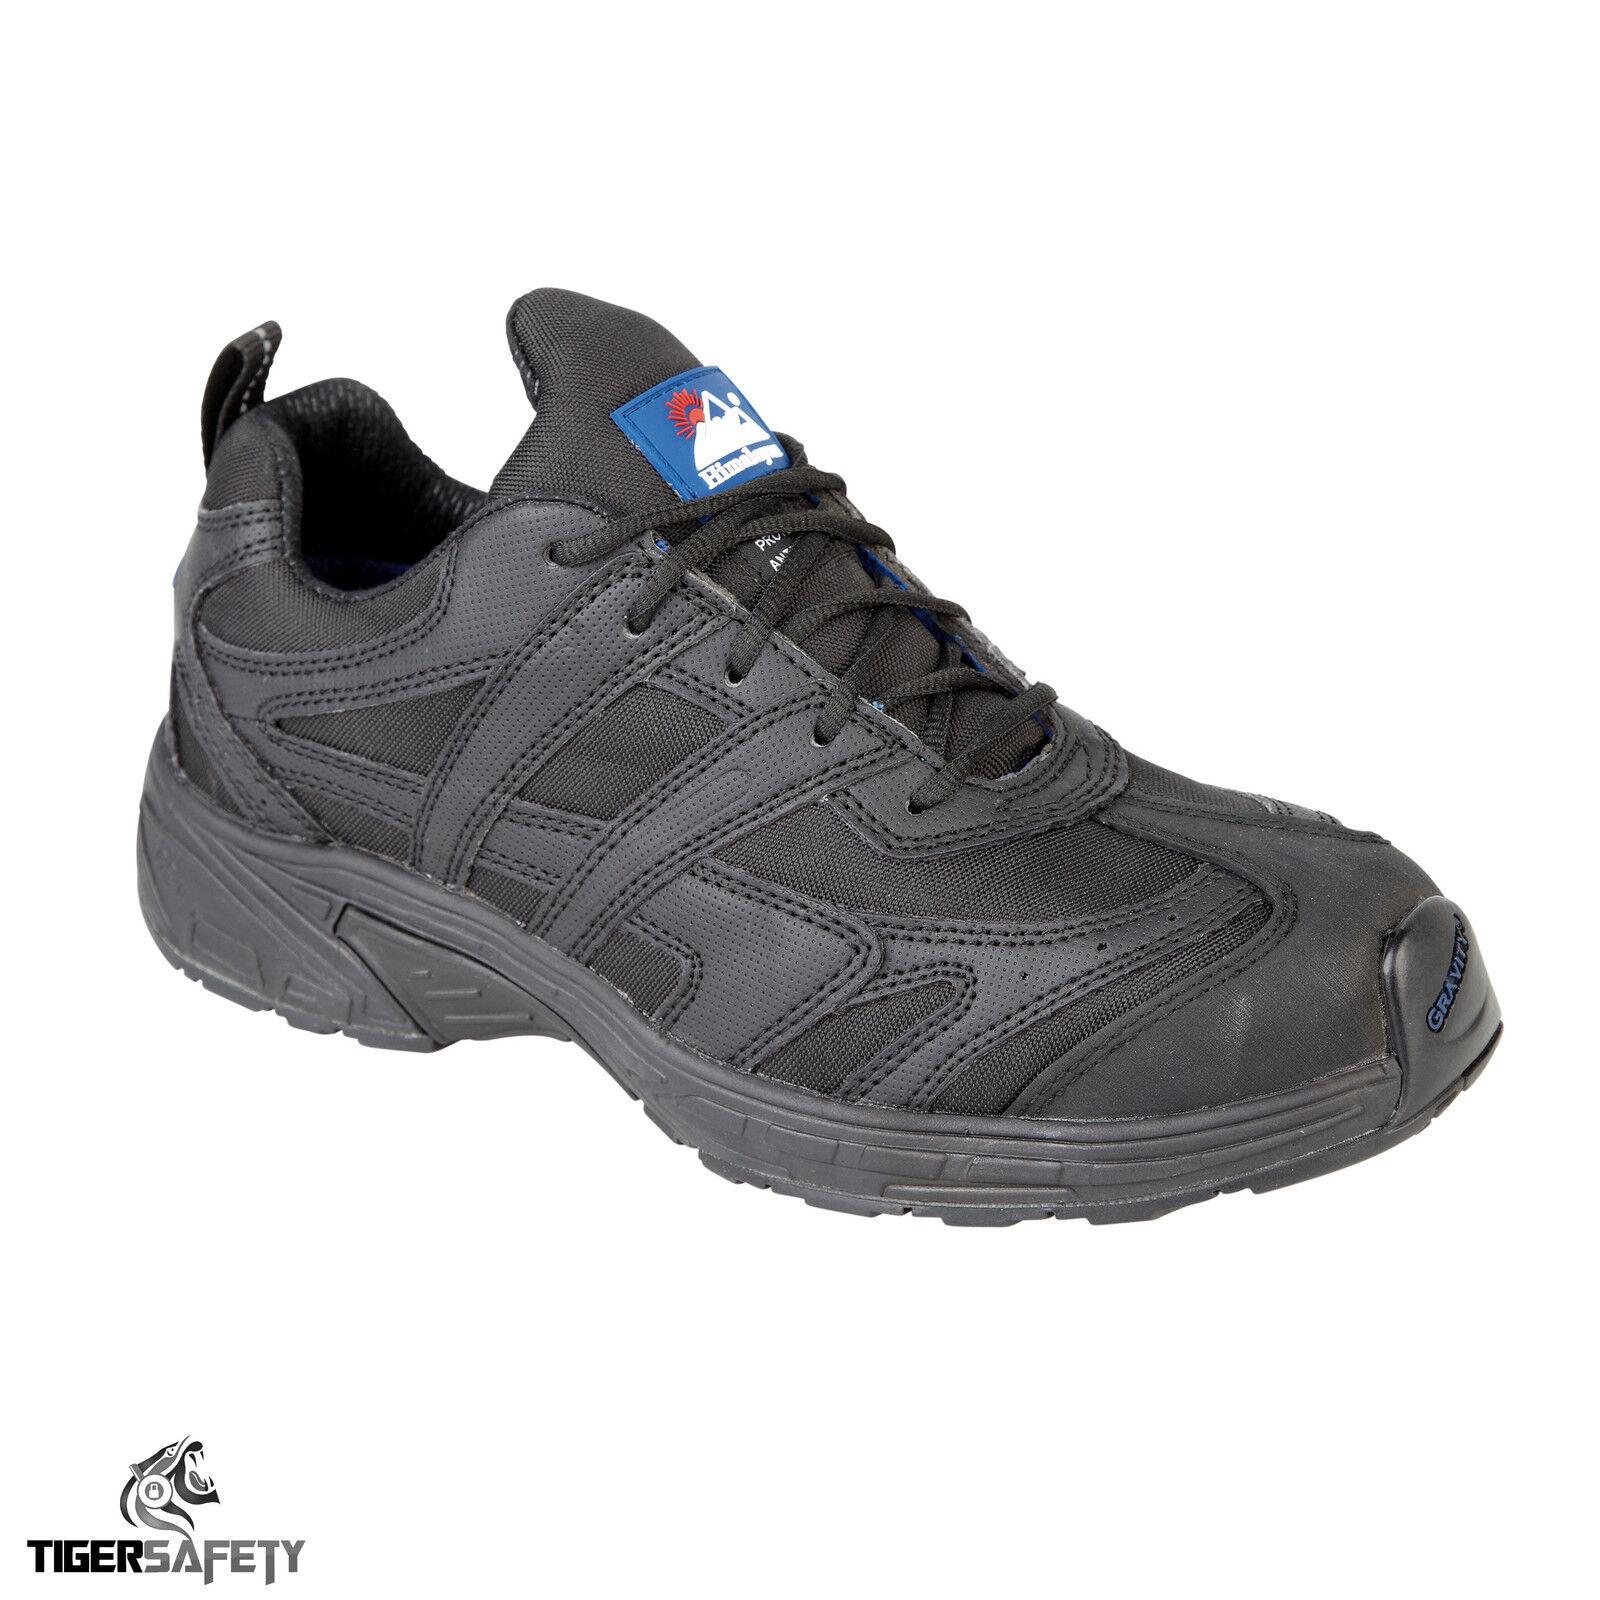 Himalayan 4037 S1 S1 4037 SRC Noir gravité Steel Toe Cap Micro Sport Baskets De Sécurité 5fd29d